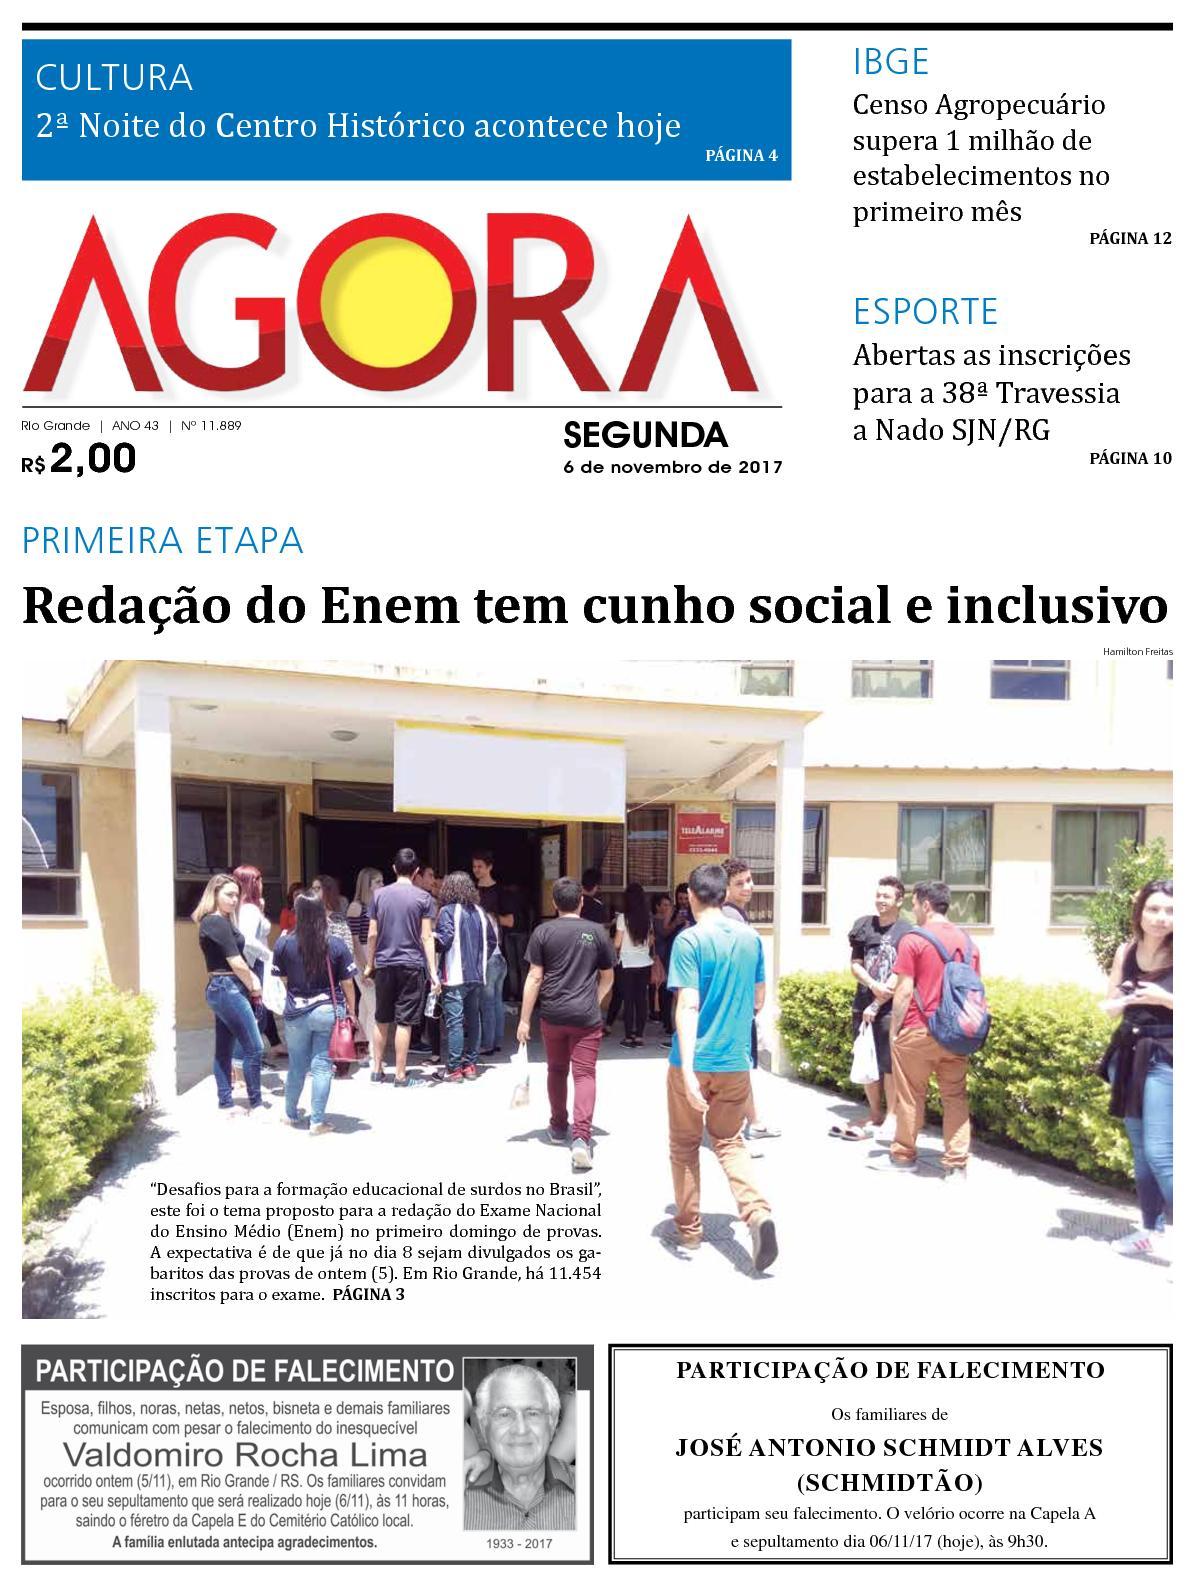 4802184b0 Calaméo - Jornal Agora - Edição 11889 - 6 de Novembro de 2017